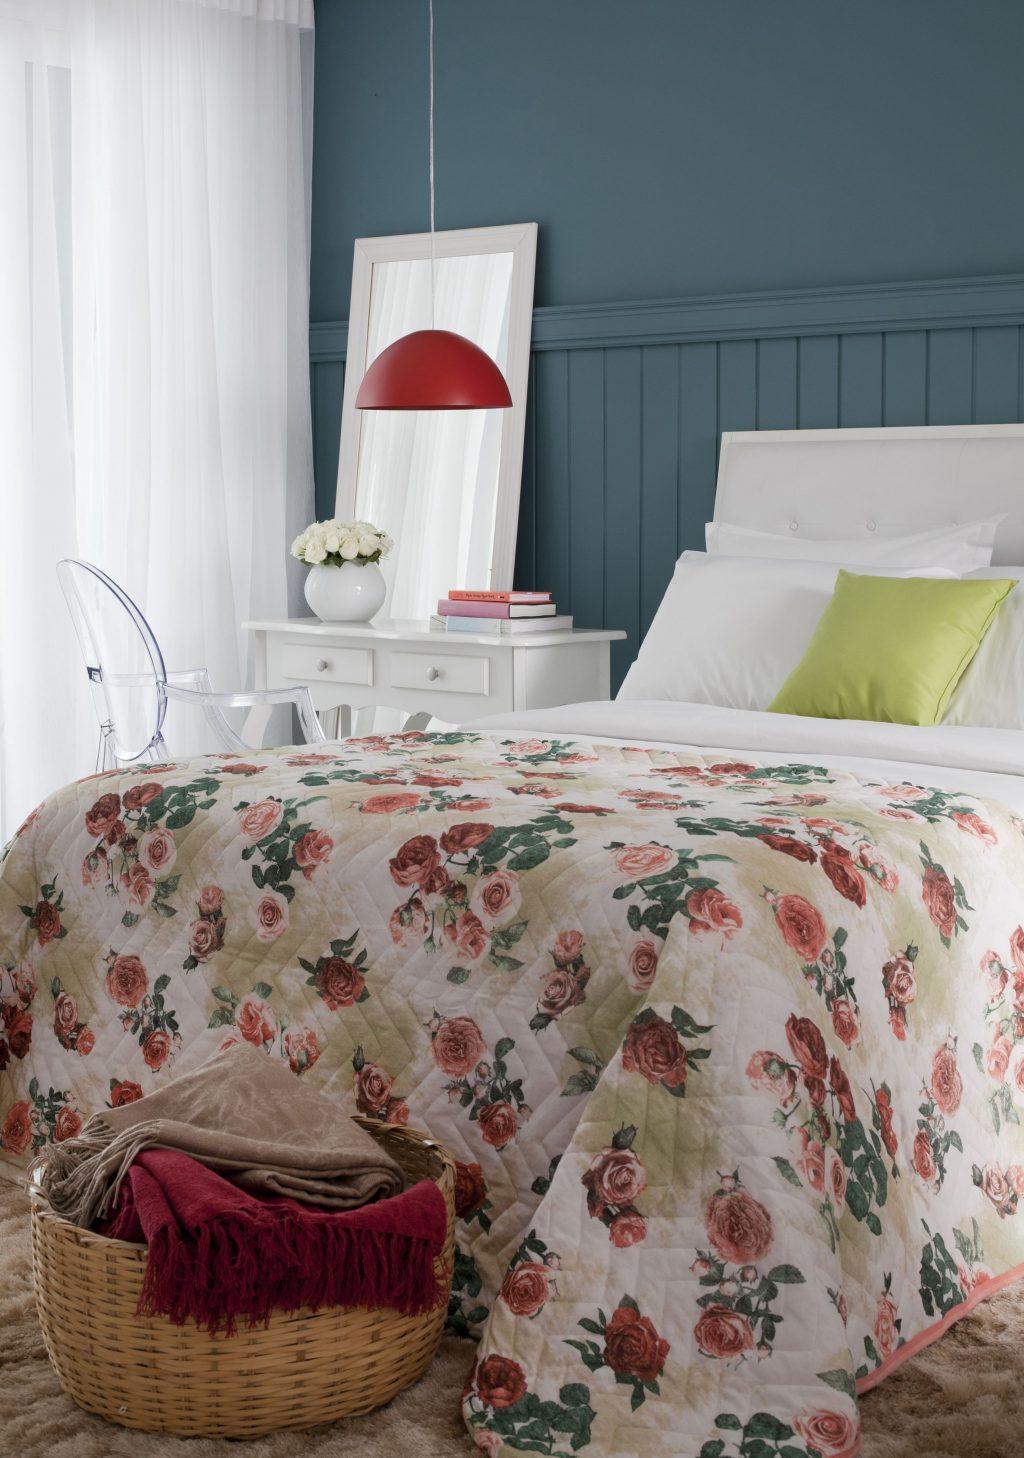 decoração de primavera com tons de vemelho e branco no quarto